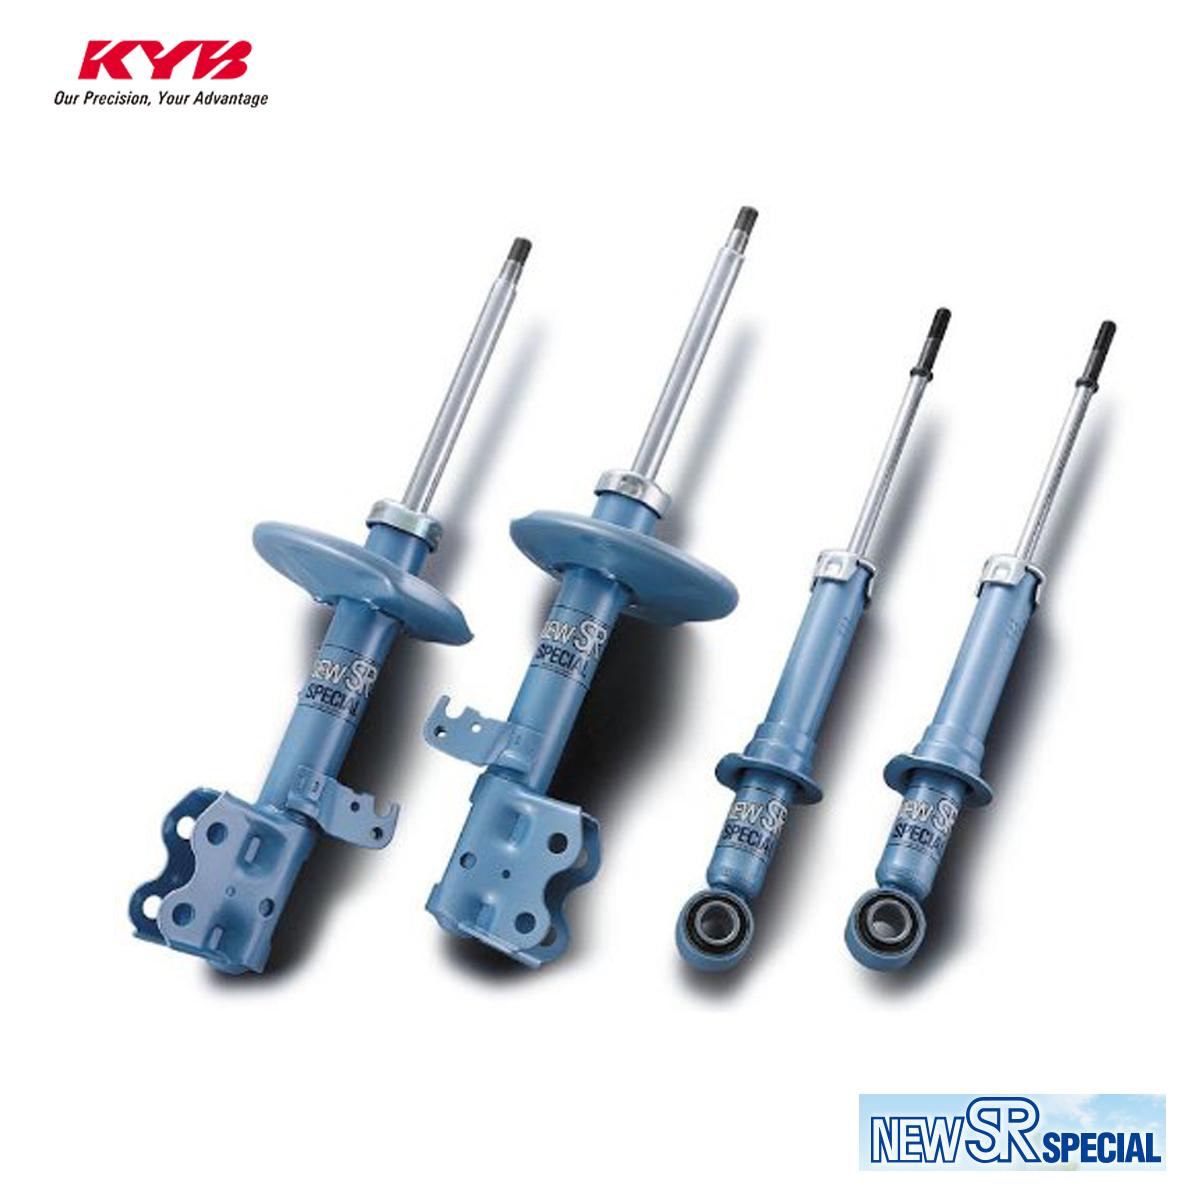 KYB カヤバ セレナ HC26 ショックアブソーバー フロント 左用 1本 NEW SR SPECIAL NST5459L 配送先条件有り